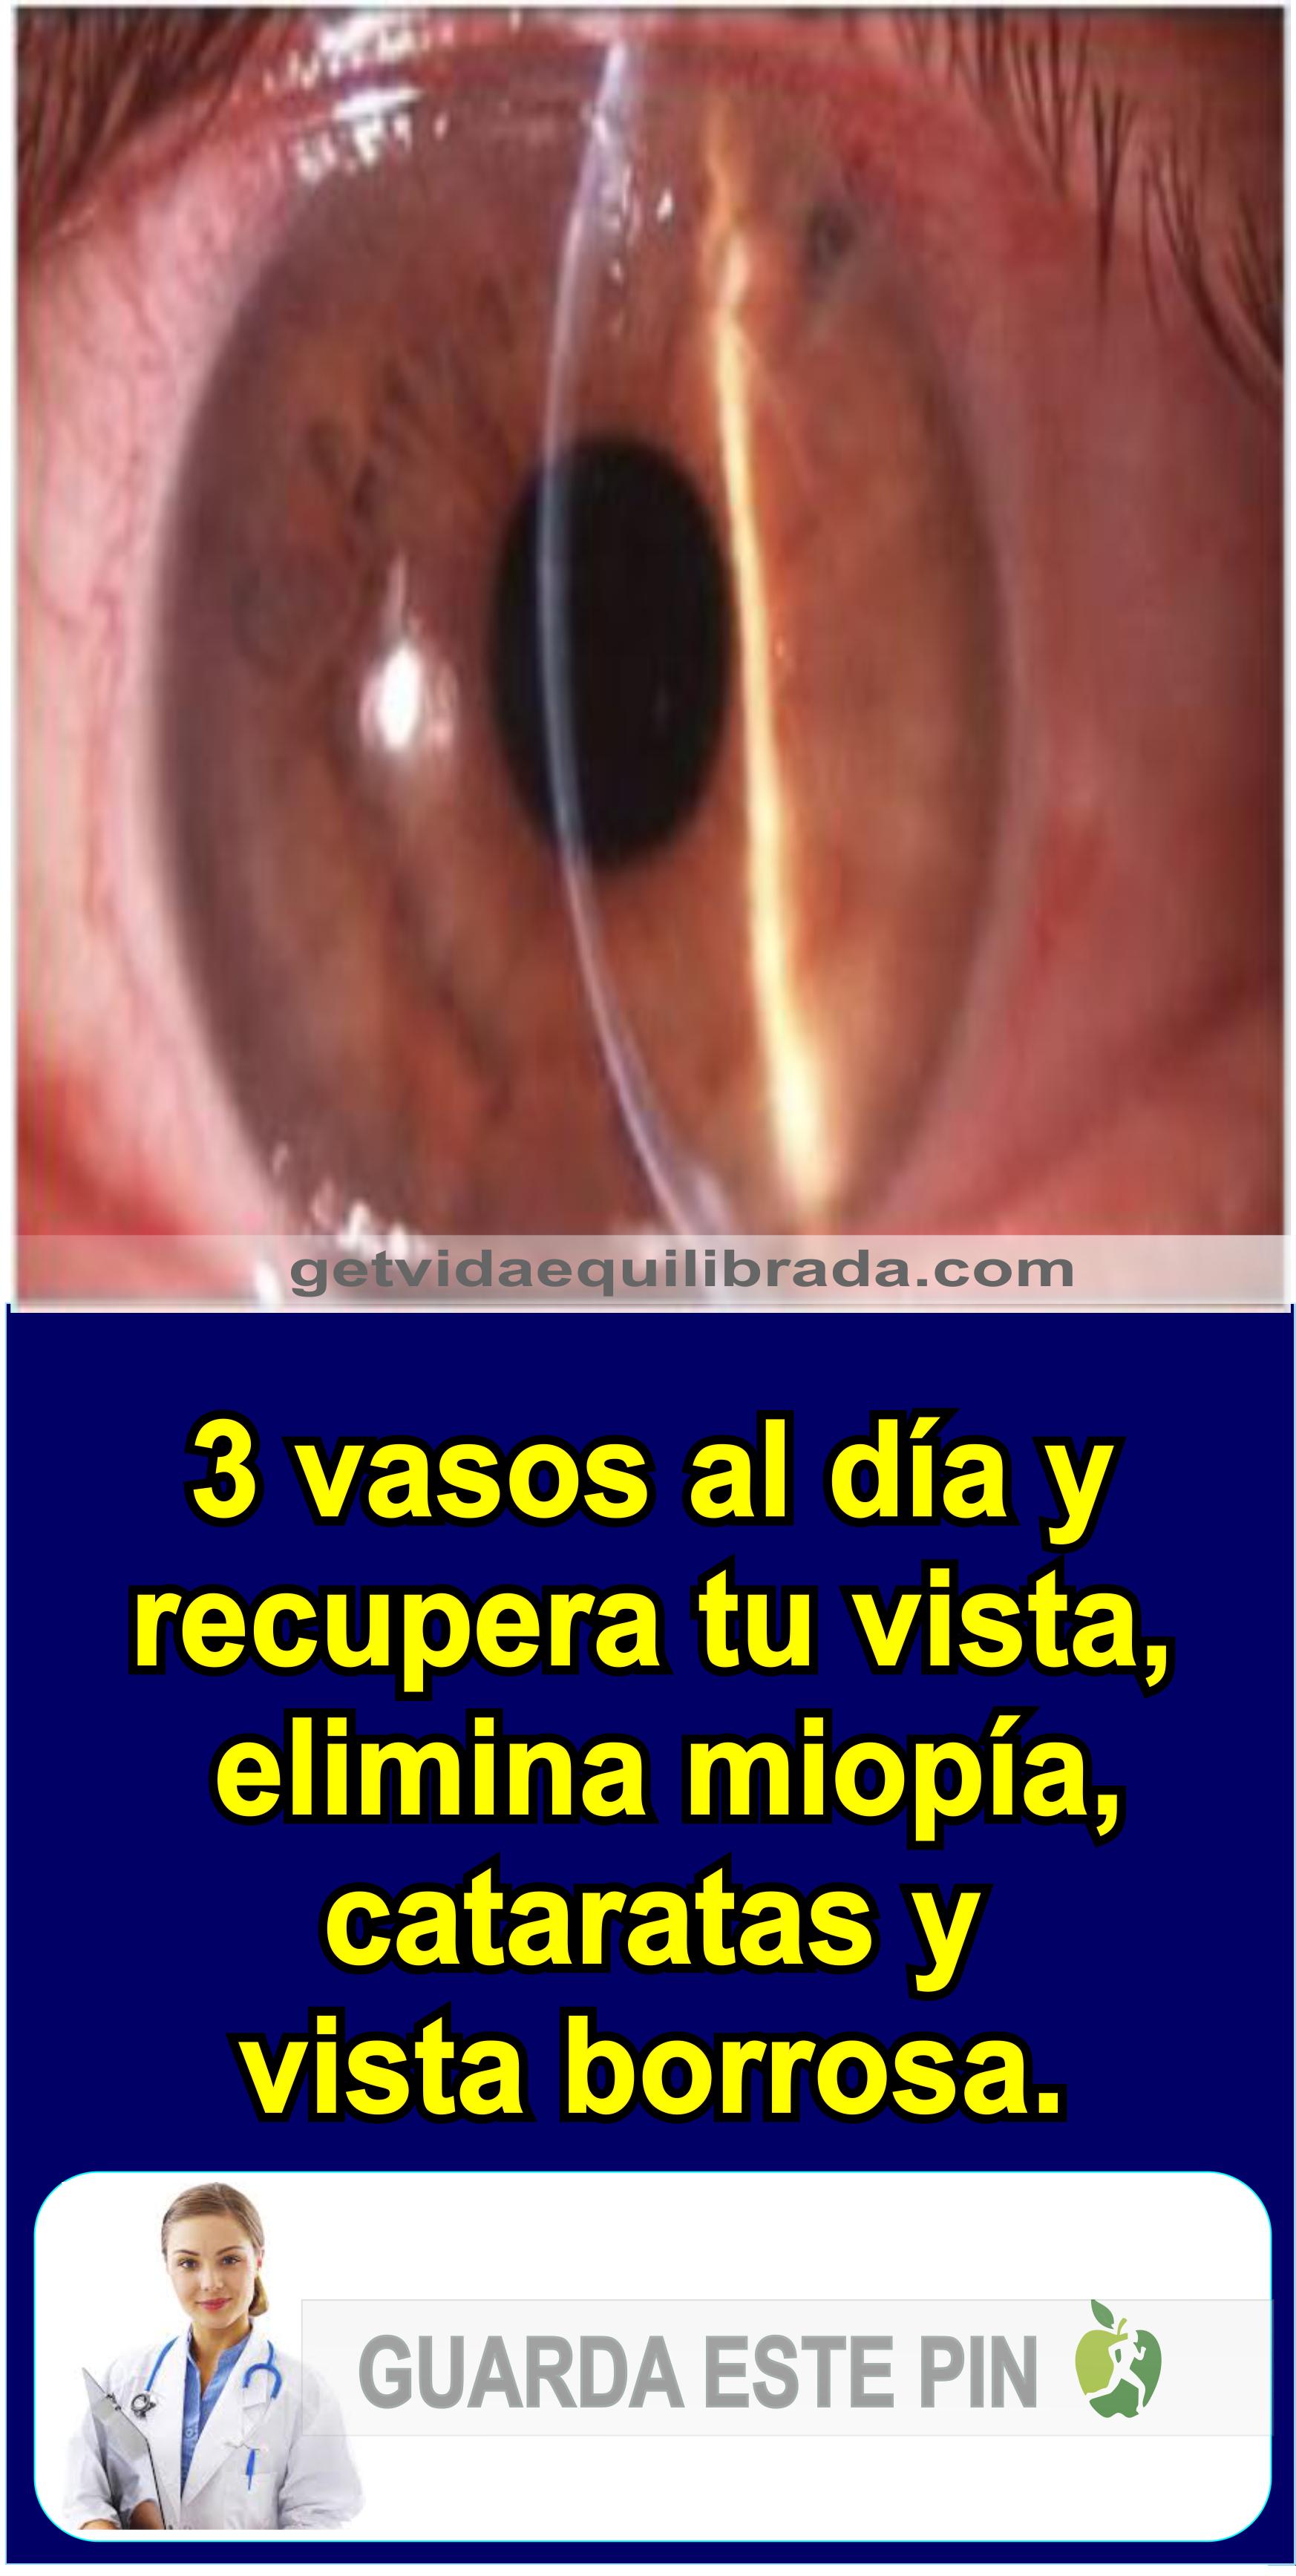 Miopia se poate vindeca natural – cu morcovi sau cu ochelari? Ce miopie poate fi restaurată